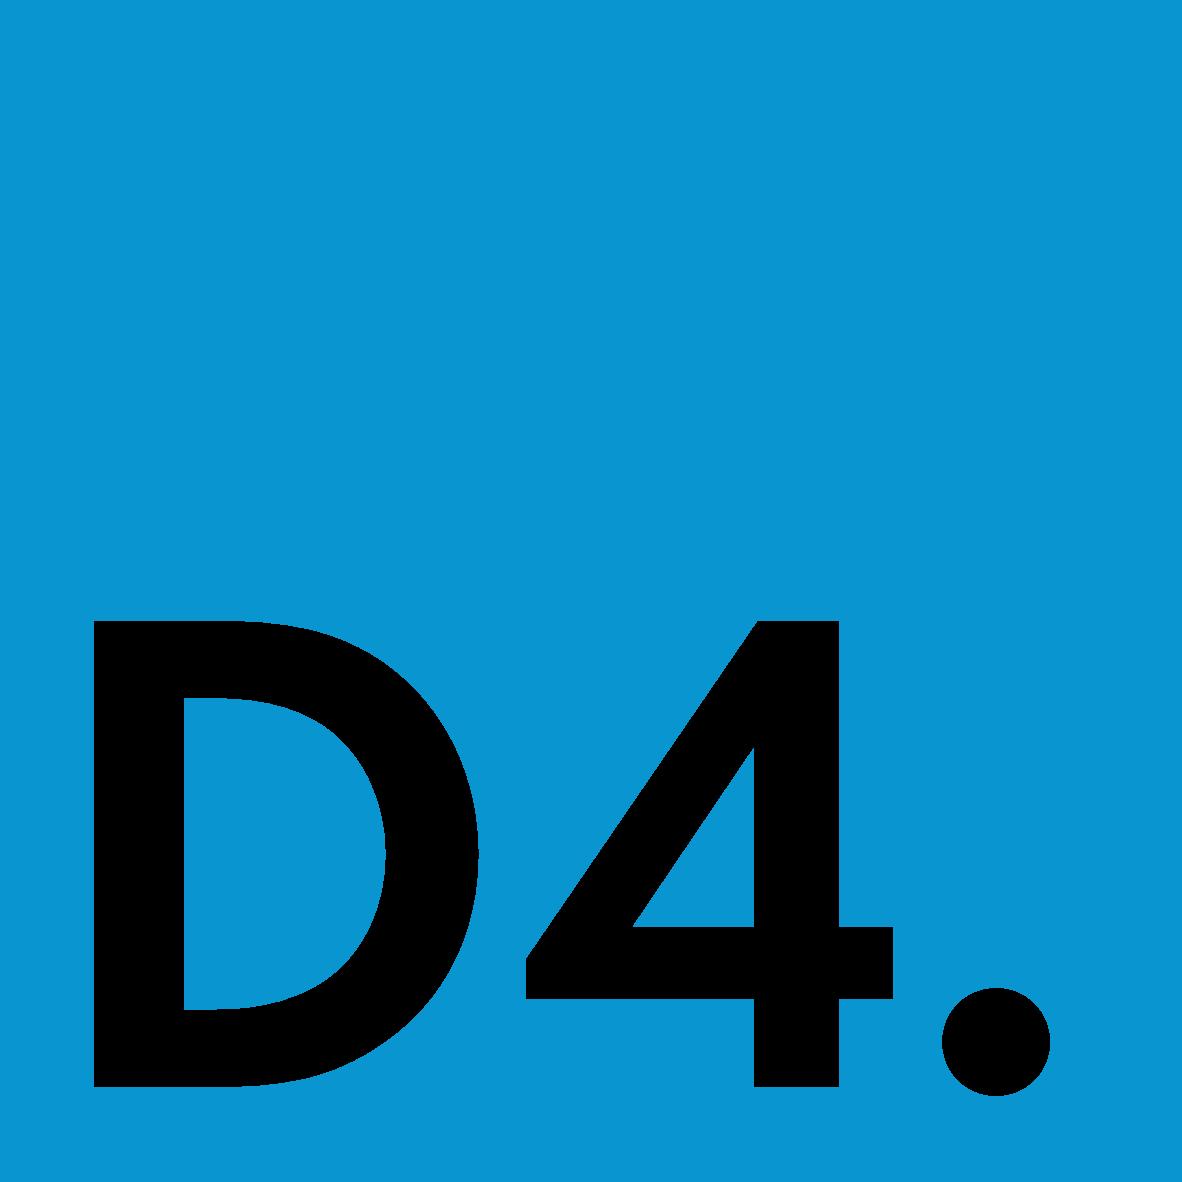 D4logo_lege letters.png